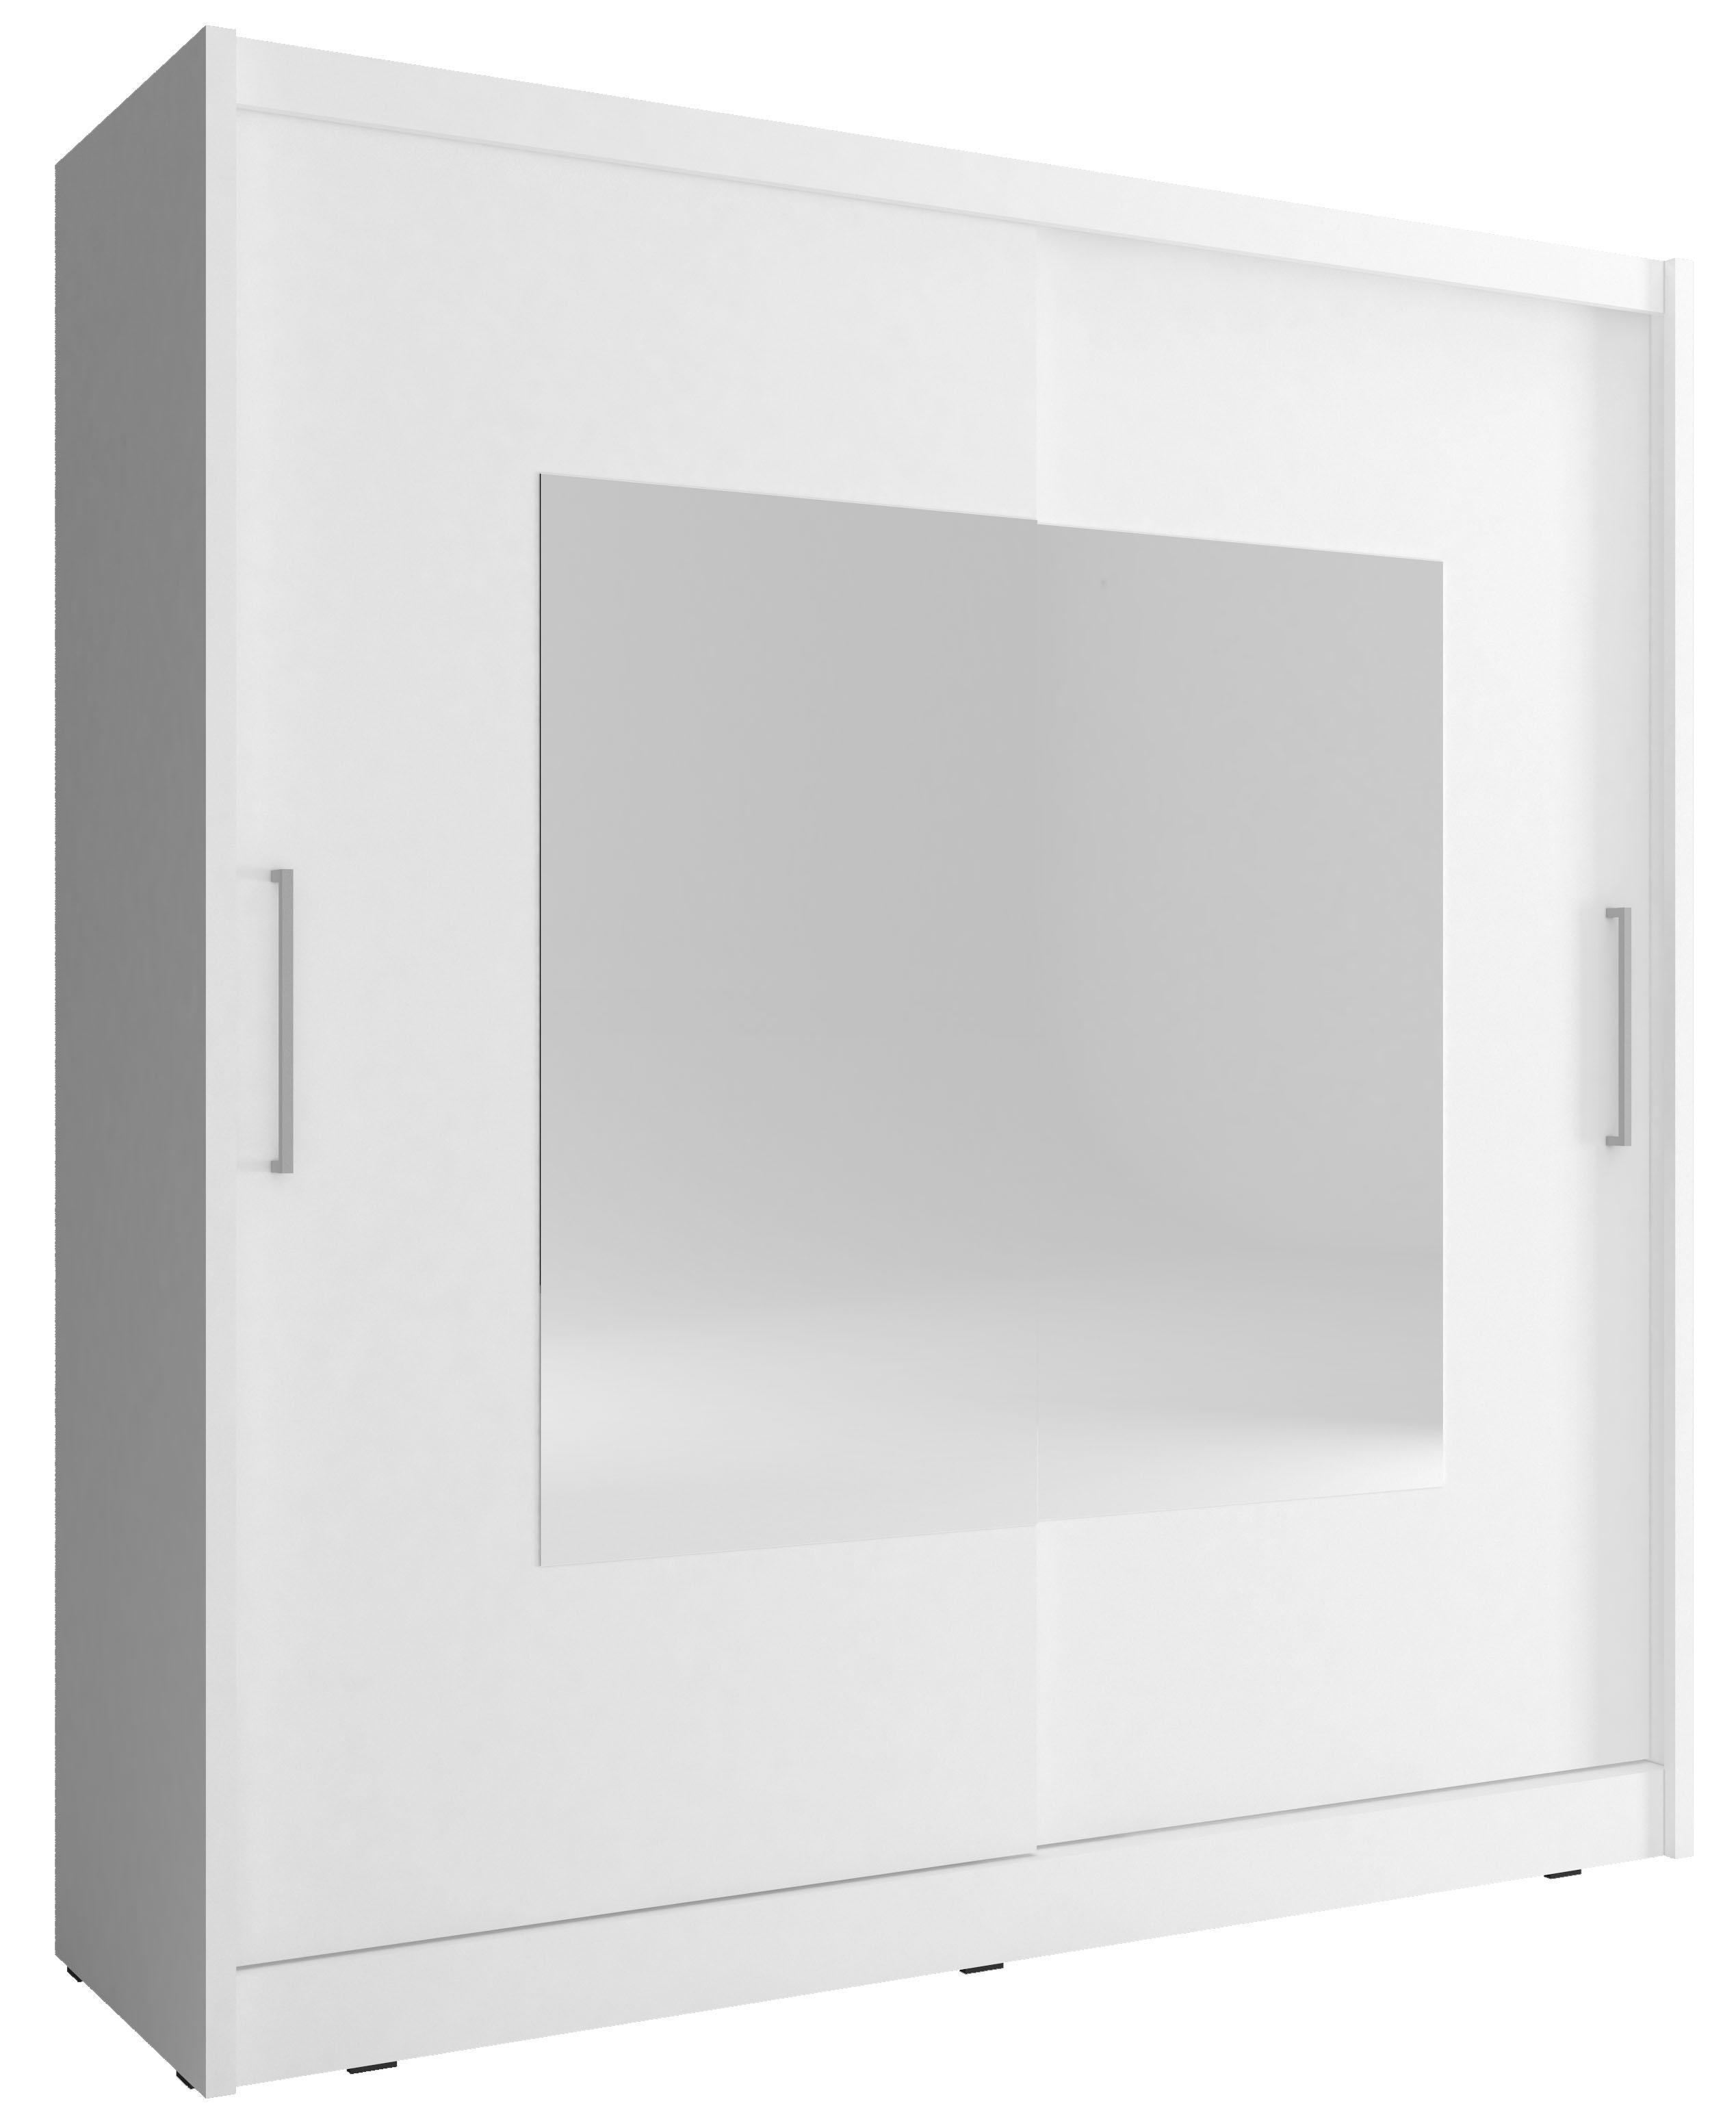 Piaski Šatníková skriňa WIKI IX 200 Farba: Biela